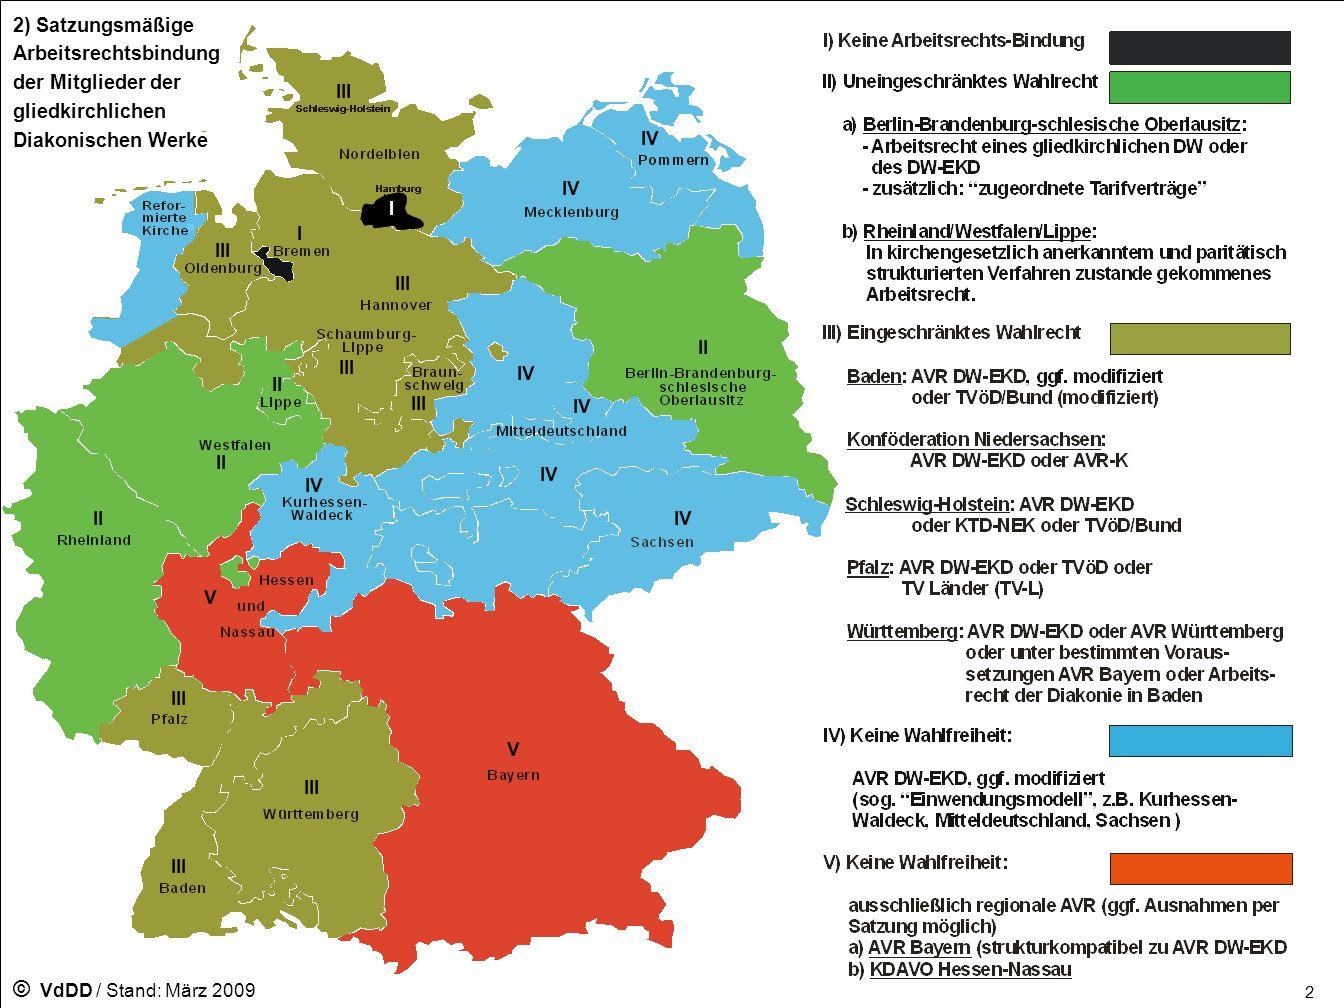 Württemberg Diakonie / Kirche: ARK Diakonie - AVR Württemberg (in Anlehnung an TVöD-Kommunal) - AVR DW-EKD - AVR Bayern - Arbeitsrecht der Diakonie in Baden Kirche KAO Württemberg (in Anlehnung an TV-L) Diakonie - AVR DW-EKD (Fassung DW Baden) - TVöD-Bund (modifiziert) - AVR DW-EKD Kirche - TVöD-Bund (modifiziert) - TV-L (Lehrkräfte) Diakonie / Kirche: ARK Baden Diakonie KDAVO Kirche KDAVO Diakonie / Kirche: ARK Hessen- Nassau Diakonie Alle in kirchengesetzlich anerkannten und paritätisch strukturierten Verfahren zustande gekommenen Tarifrechte, insbesondere: BAT-KF (in Anlehnung an TVöD-Kommunal) AVR DW-EKD Kirche BAT-KF (in Anlehnung an TVöD-Kommunal) Diakonie / Kirche: ARK Rheinland- Westfalen- Lippe Diakonie In der Regel AVR DW-EKD Kirche KAVO Pommern Diakonie AVR DW-EKD (Fassung DW Kurhessen-Waldeck) Kirche TdL Diakonie / Kirche: ARK Kurhessen- Waldeck Diakonie AVR DW-EKD (Fassung DW Mitteldeutschland) Kirche KAVO Mittel- deutschland Diakonie AVR DW-EKD (Fassung DW Sachsen) Kirche KDVO Landeskirche Sachsen Sachsen Diakonie AVR-K oder kirchlich-diakonisches Arbeitsrecht wesentlich gleichen Inhalts (z.B.